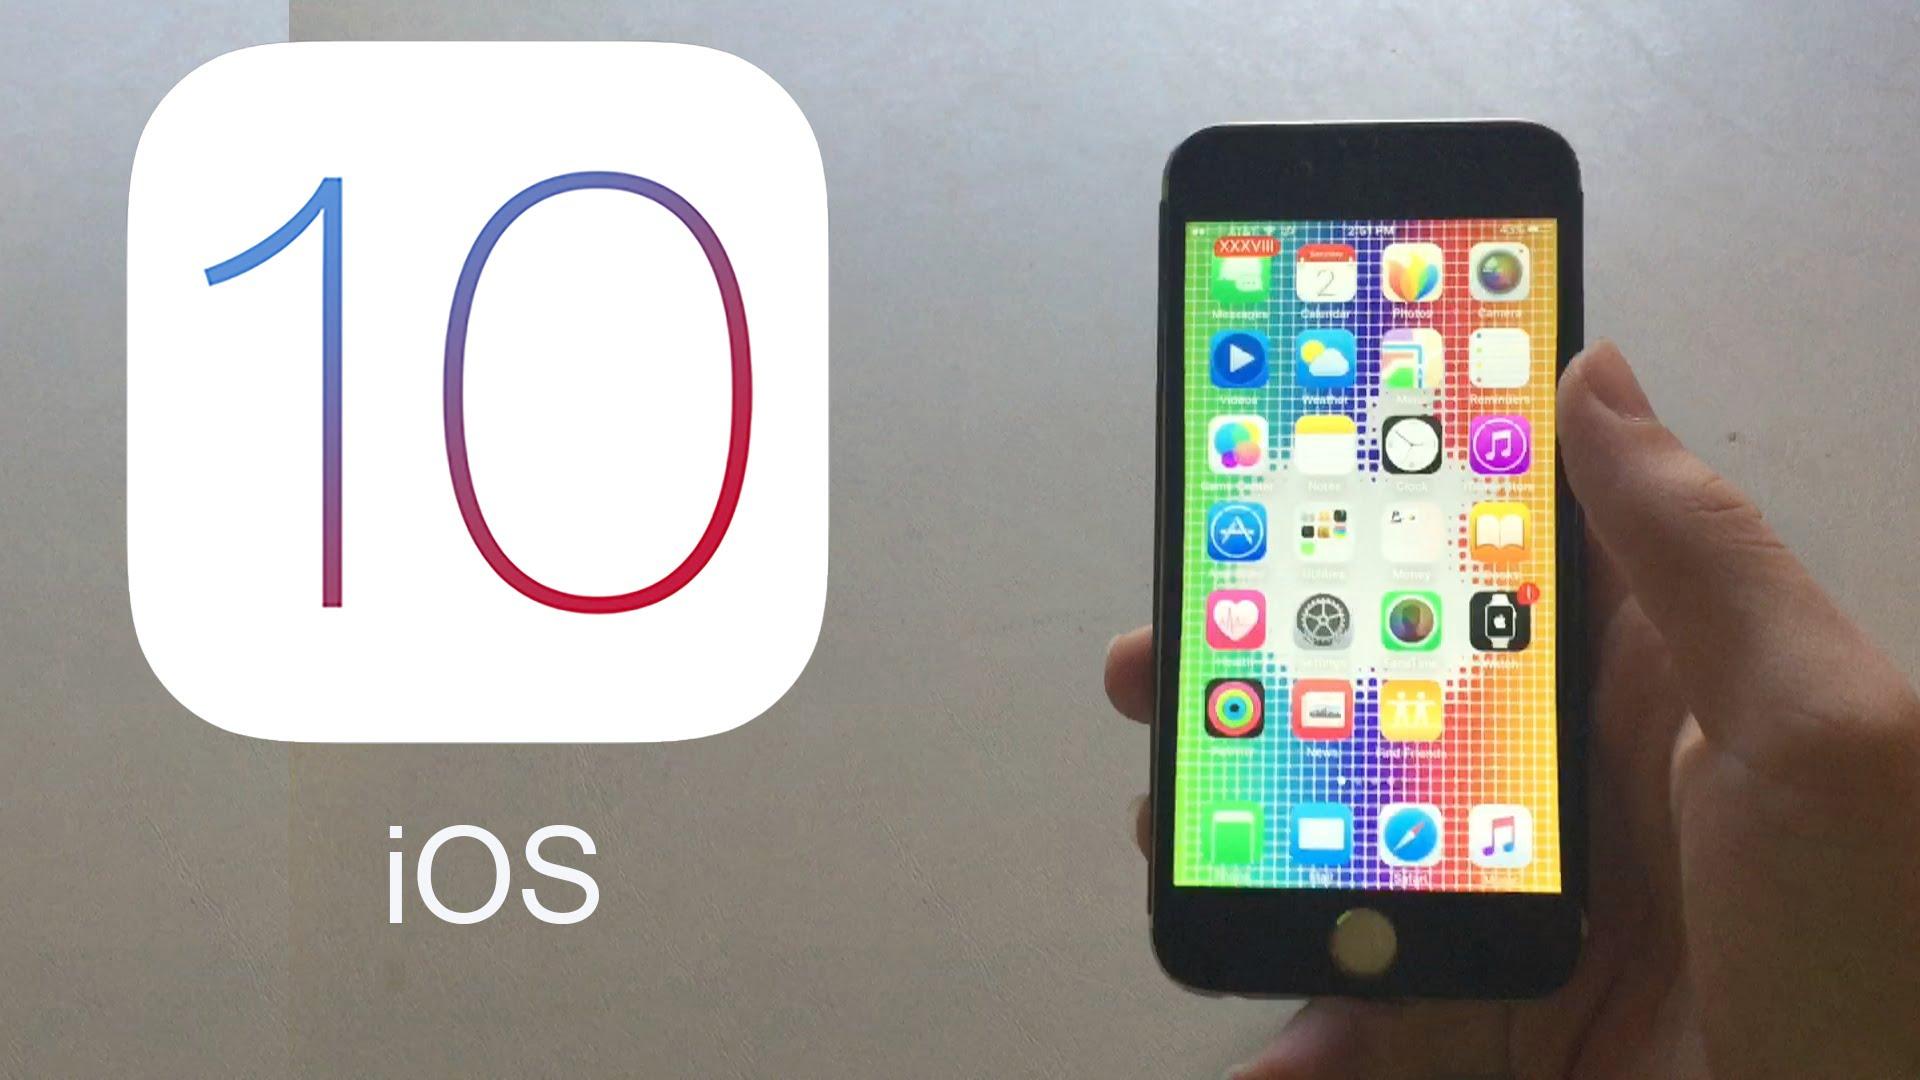 iOS 10 OS running on iPhone or iPad